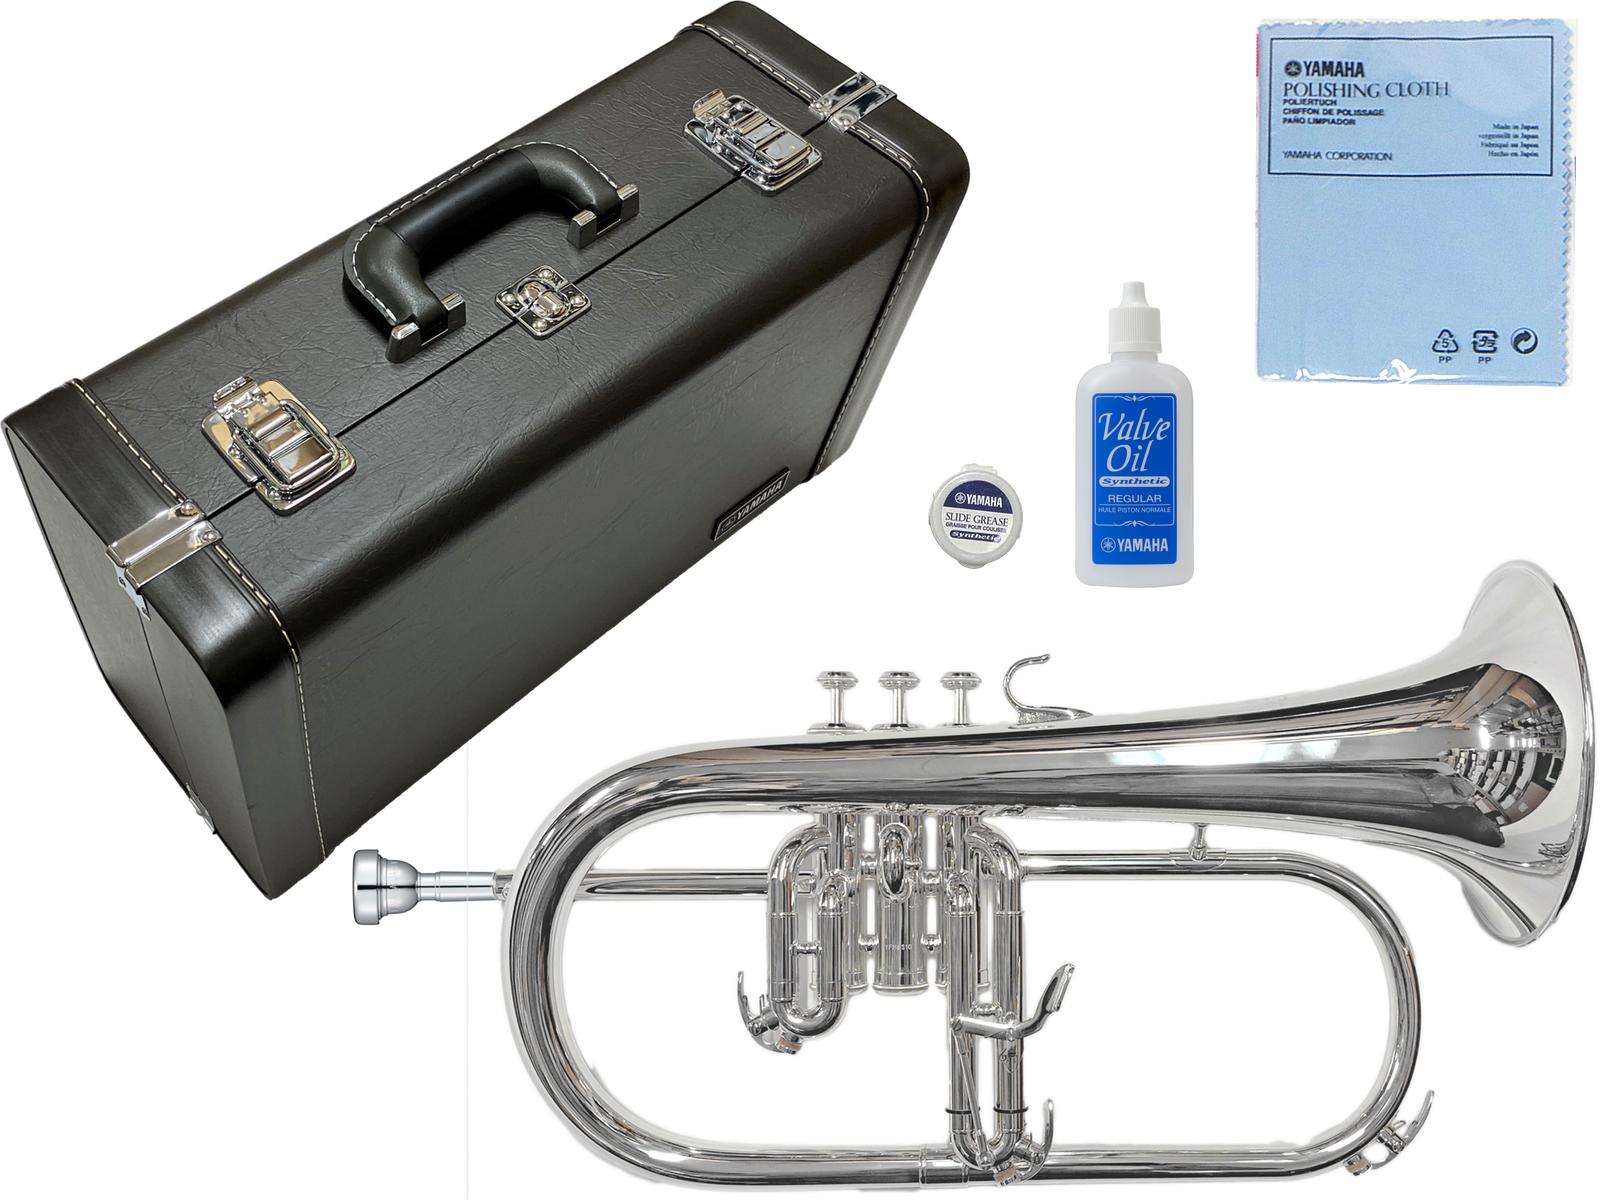 フリューゲルホーン 第3トリガー マウスピース FH11F4 YAMAHA ヤマハ YFH-631GS フリューゲルホルン 新品 銀メッキ 管楽器 シルバーメッキ 管体 B♭ 毎日続々入荷 プロフェッショナルモデル 日本製 Flugelhorn 本体 楽器 YFH631GS 直輸入品激安